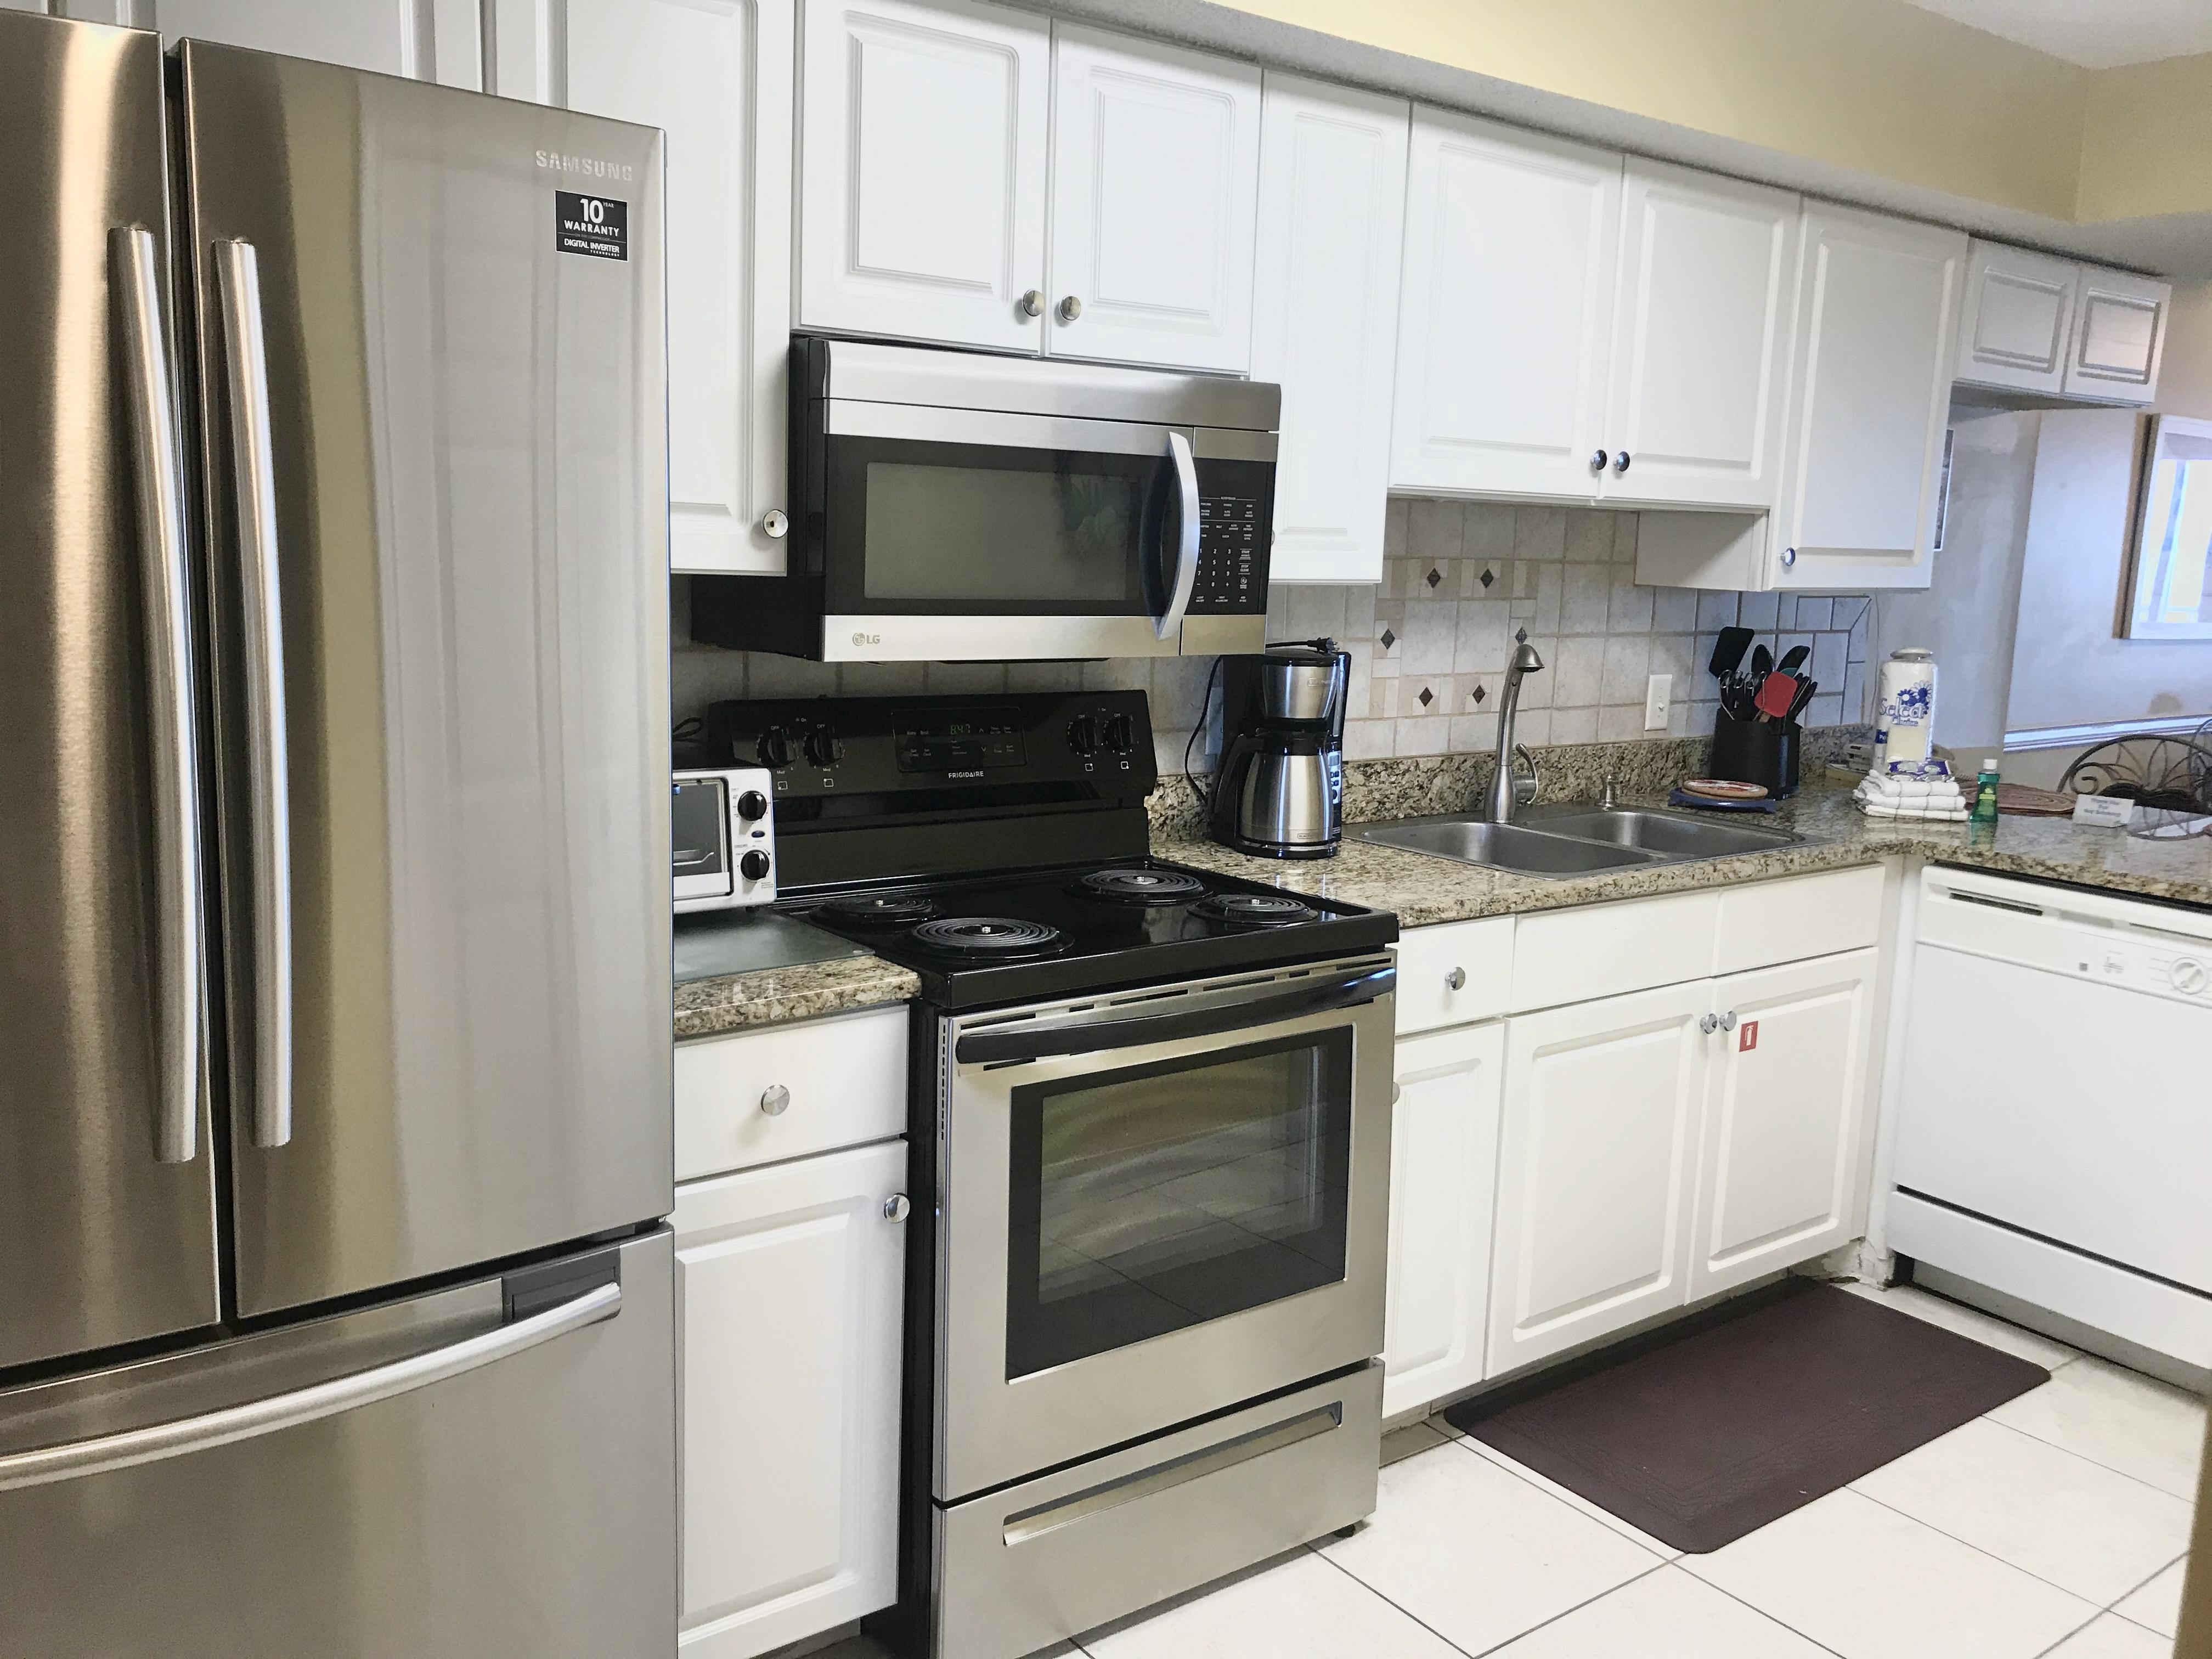 Ocean House 1706 Condo rental in Ocean House - Gulf Shores in Gulf Shores Alabama - #13